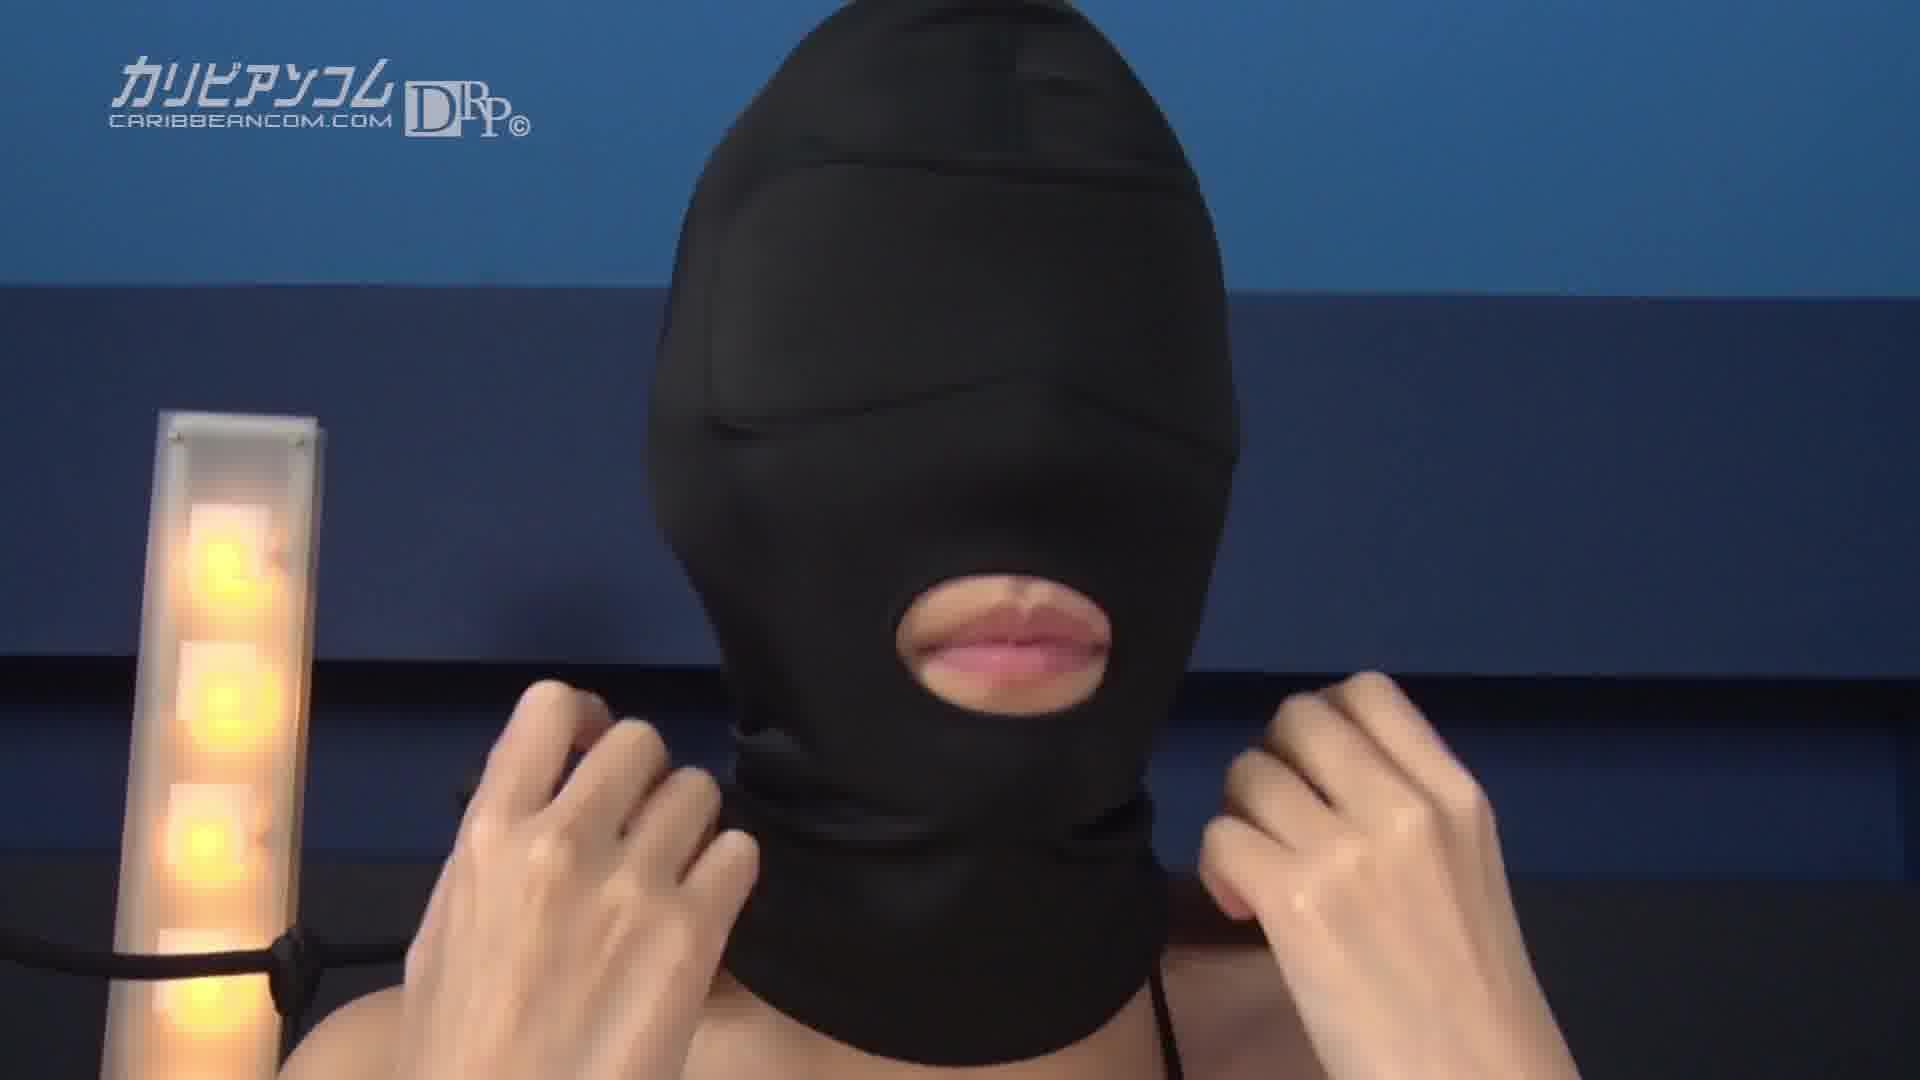 性欲処理マゾマスク ~オマンコの中も気持ちよくしてぇ~ - 性欲処理マゾマスク 08号【バイブ・パイズリ・イラマチオ】